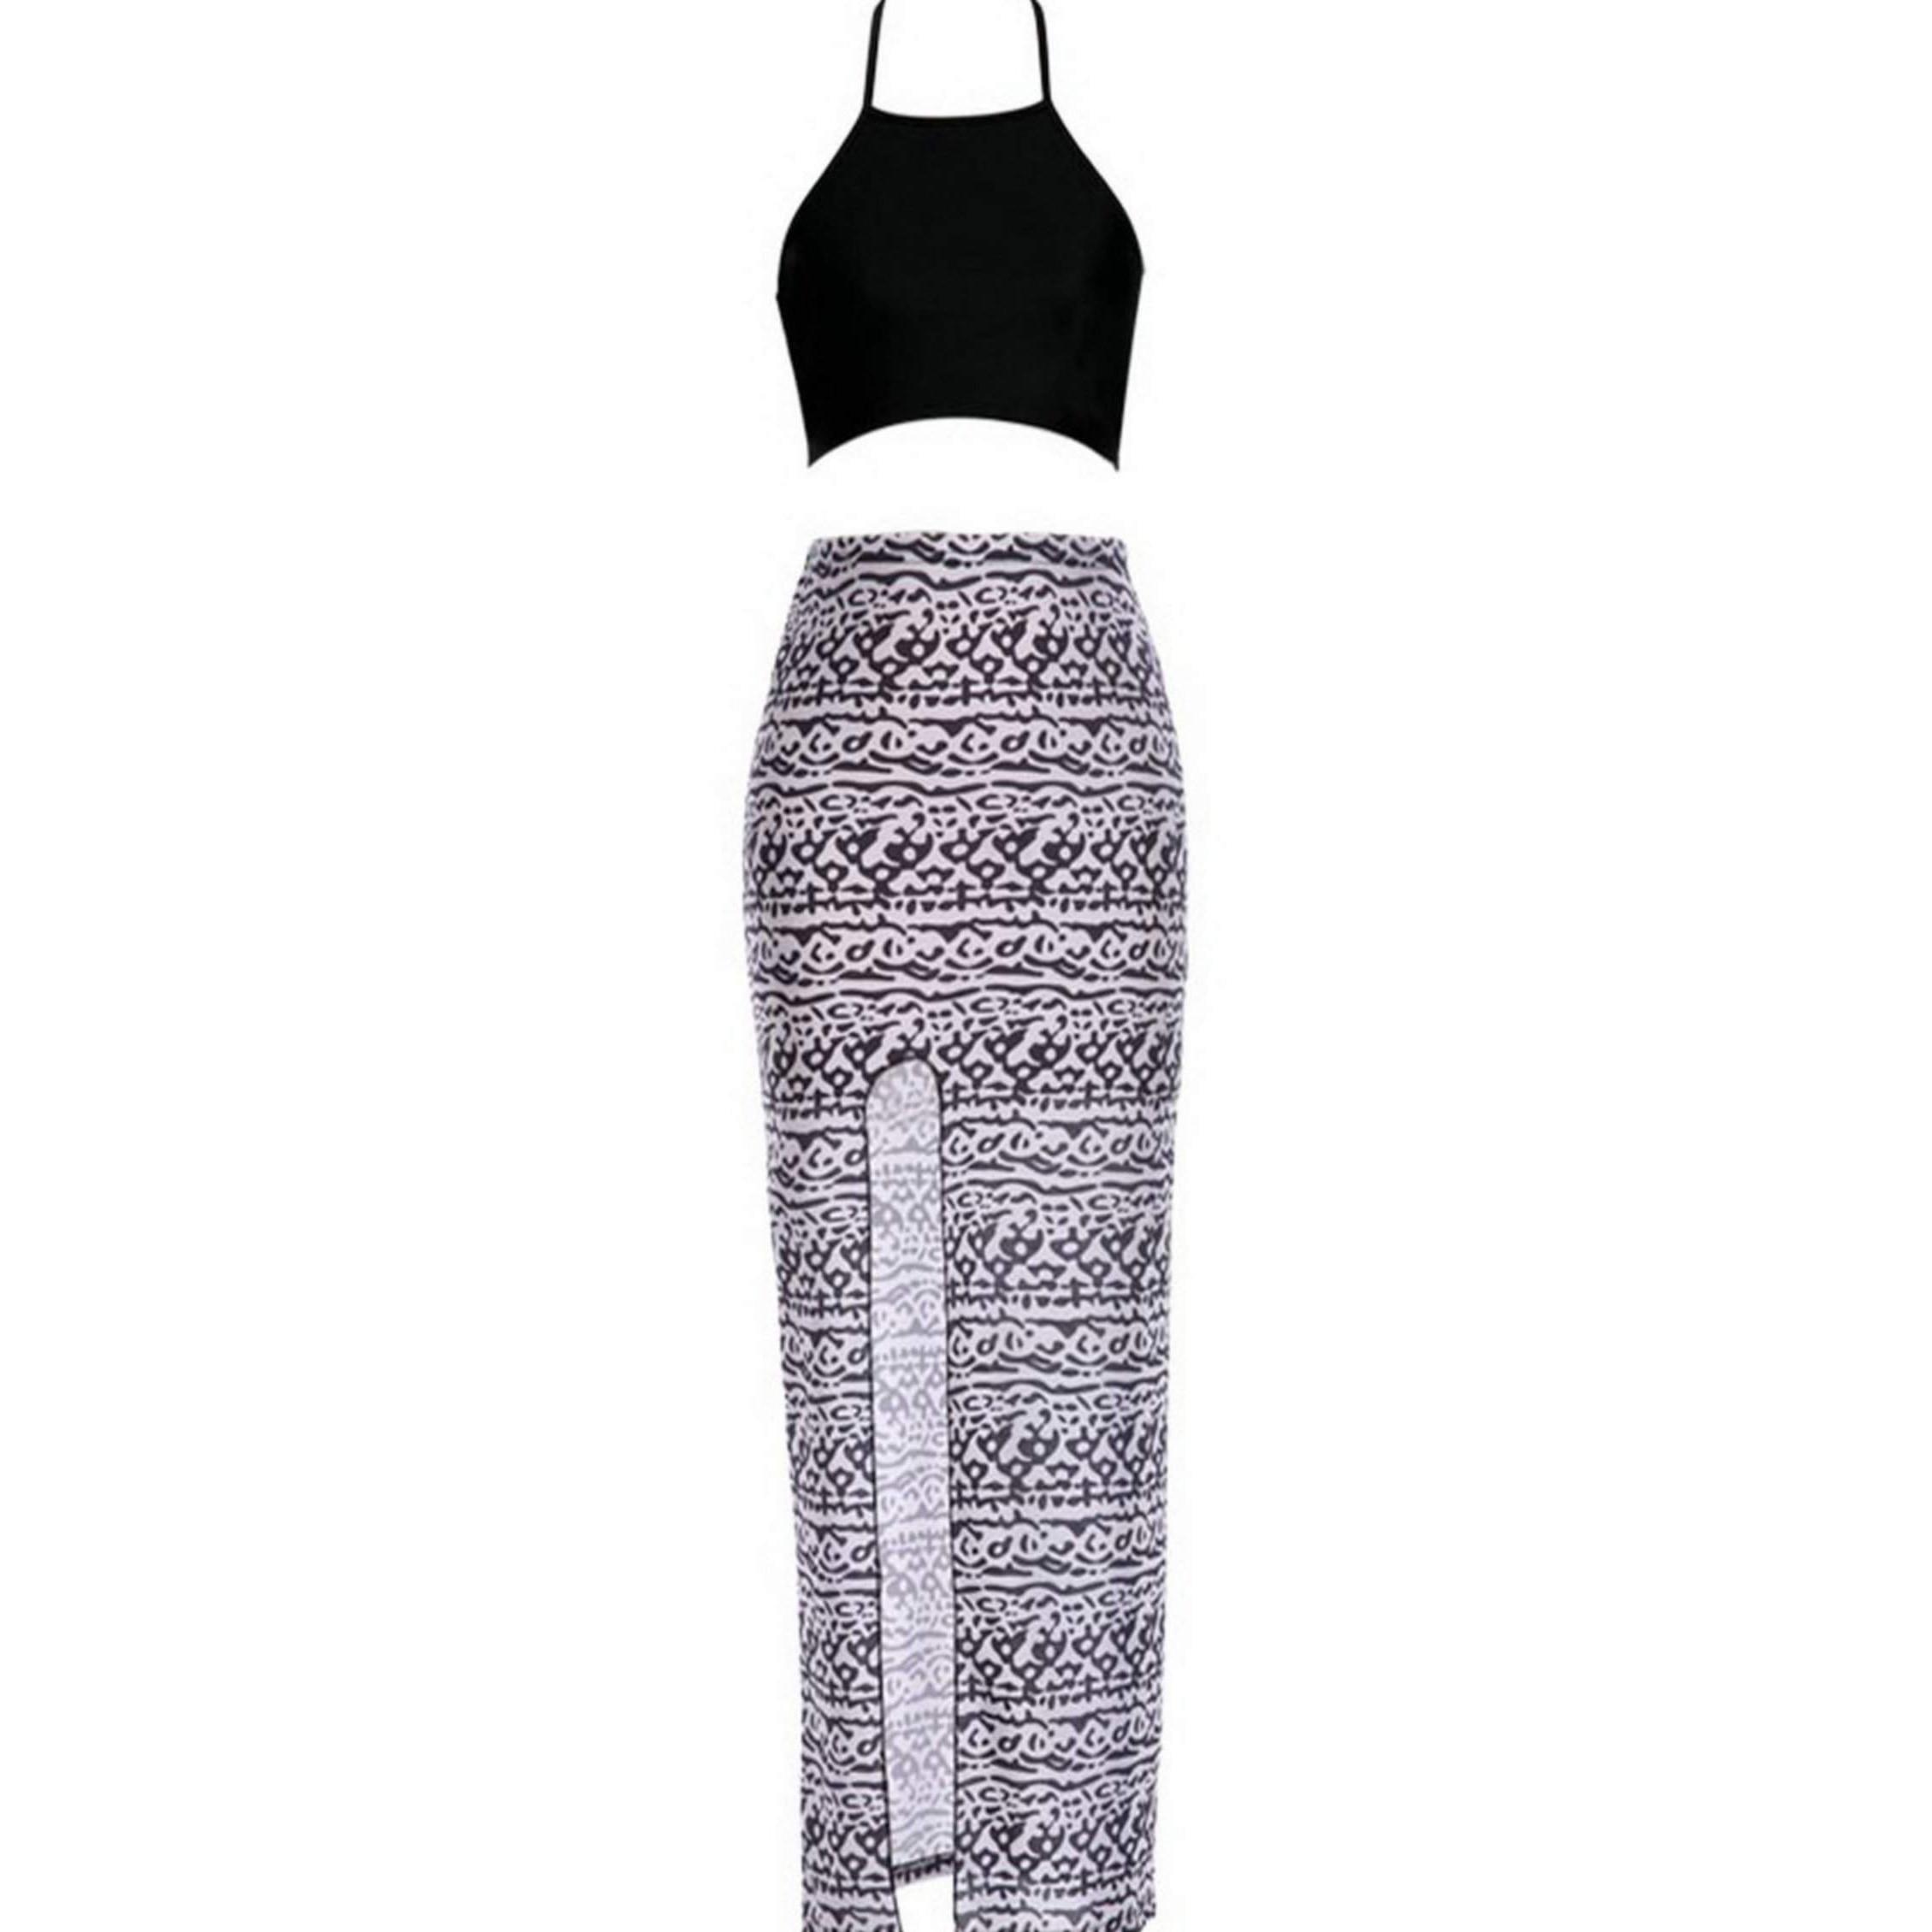 9be3cb7293f22 女性のセクシーな夏ツーピースセットブラックドレスbraletトップス+黒-白プリントロングマキシスカート